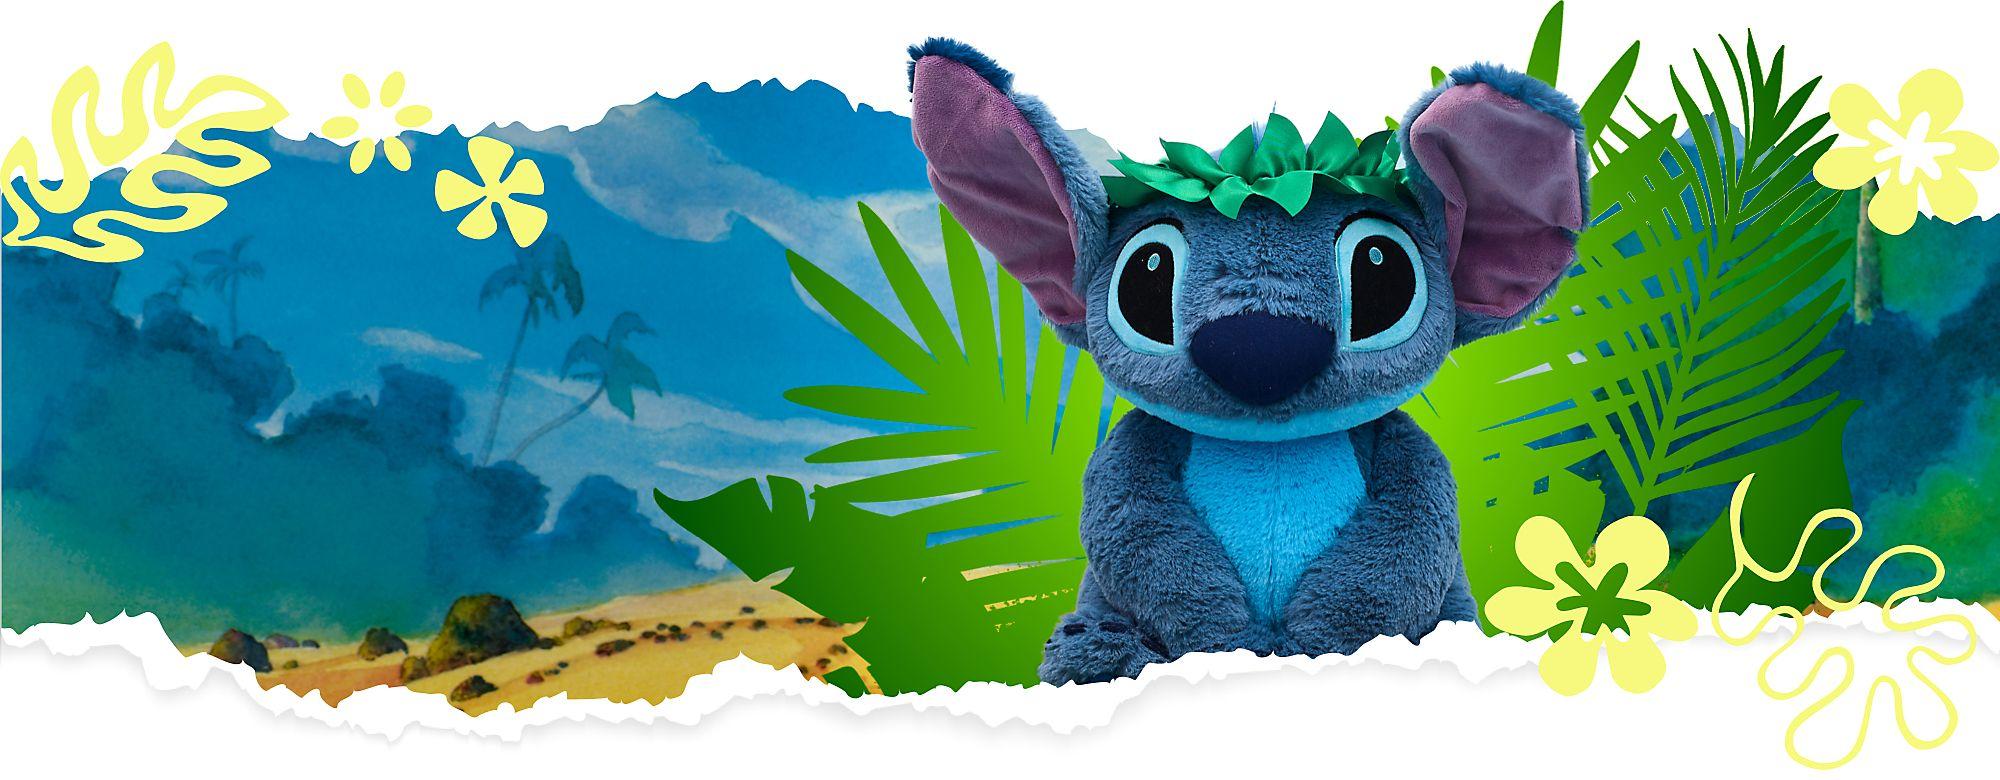 Stitch Hawaii Kuscheltier für nur 14,90 € Ab einem Einkauf von 15 € JETZT KAUFEN